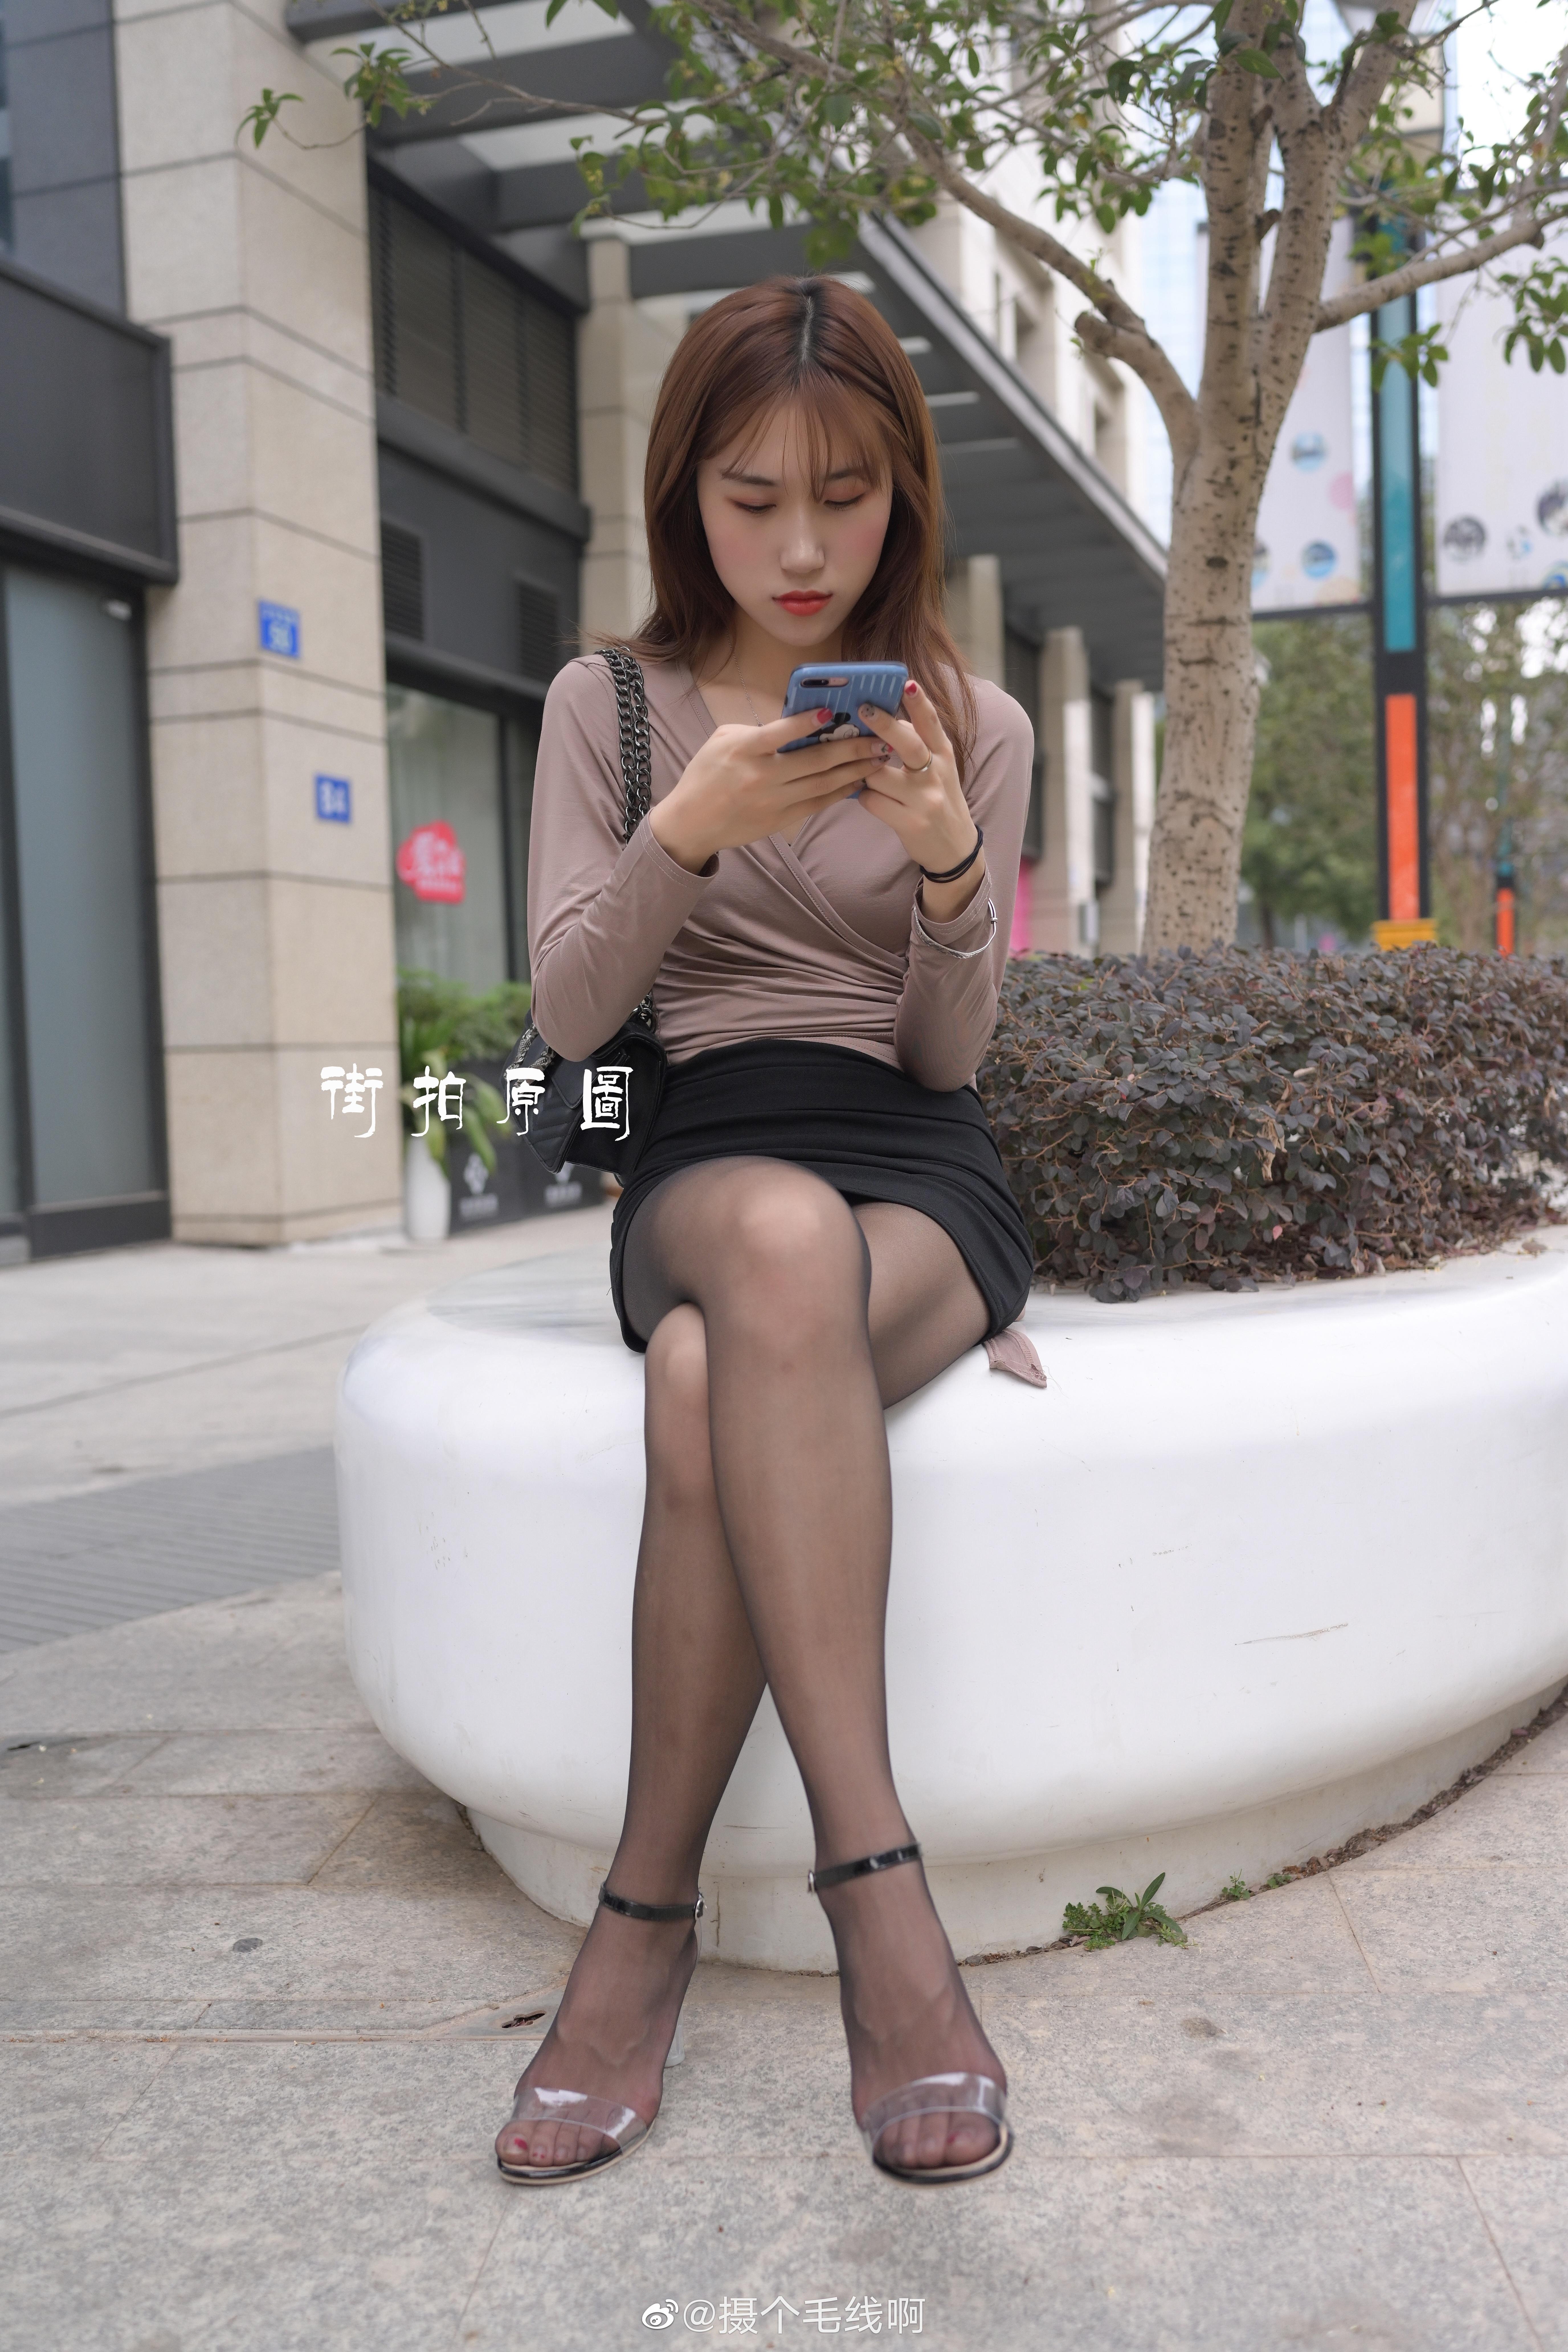 公主日记【模拍】休闲舒适的一天